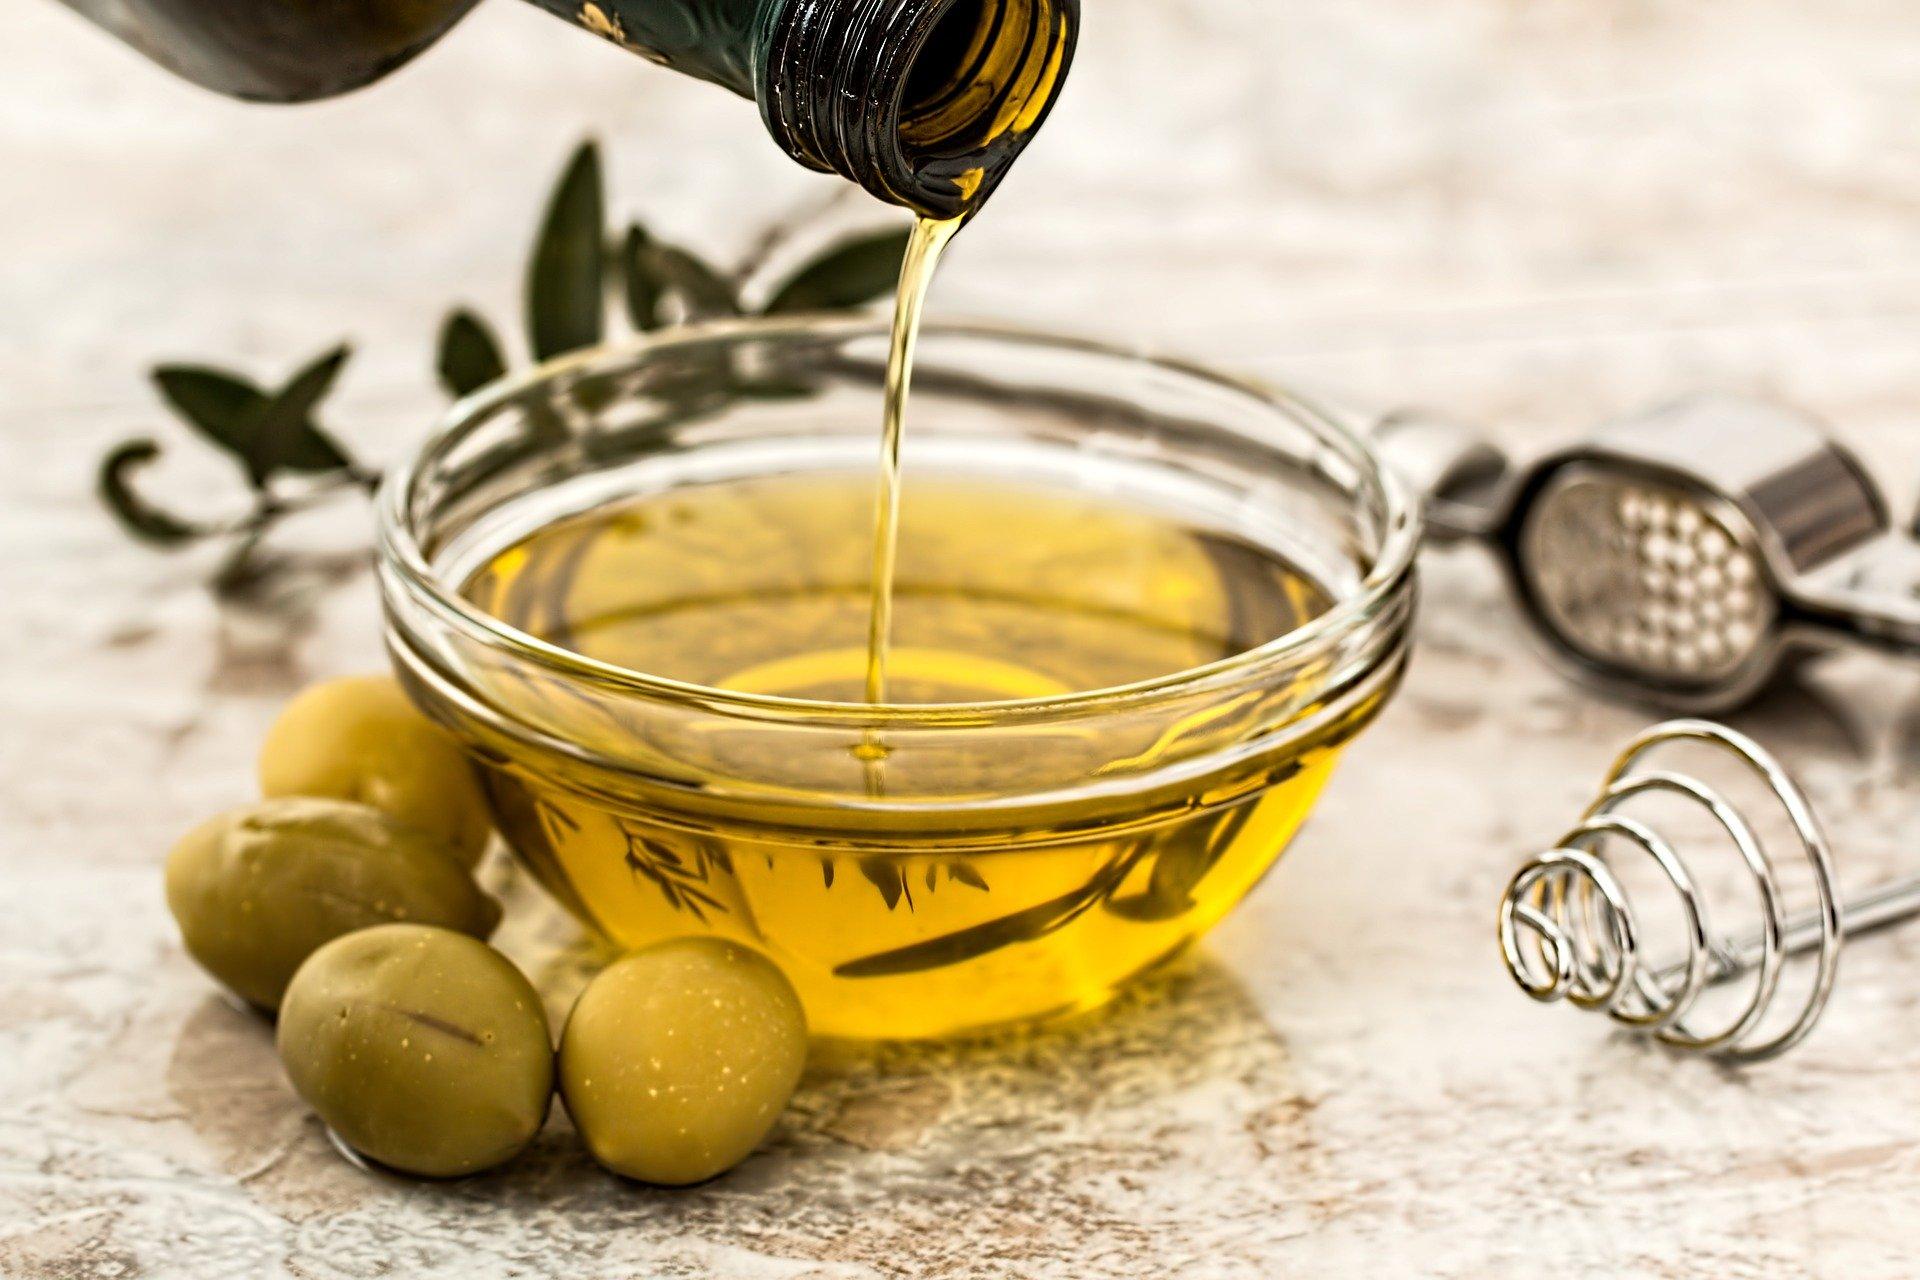 Productor de aceite de oliva en Argentina utiliza tecnología blockchain de IBM para llevar transparencia a la cadena de suministro de sus productos